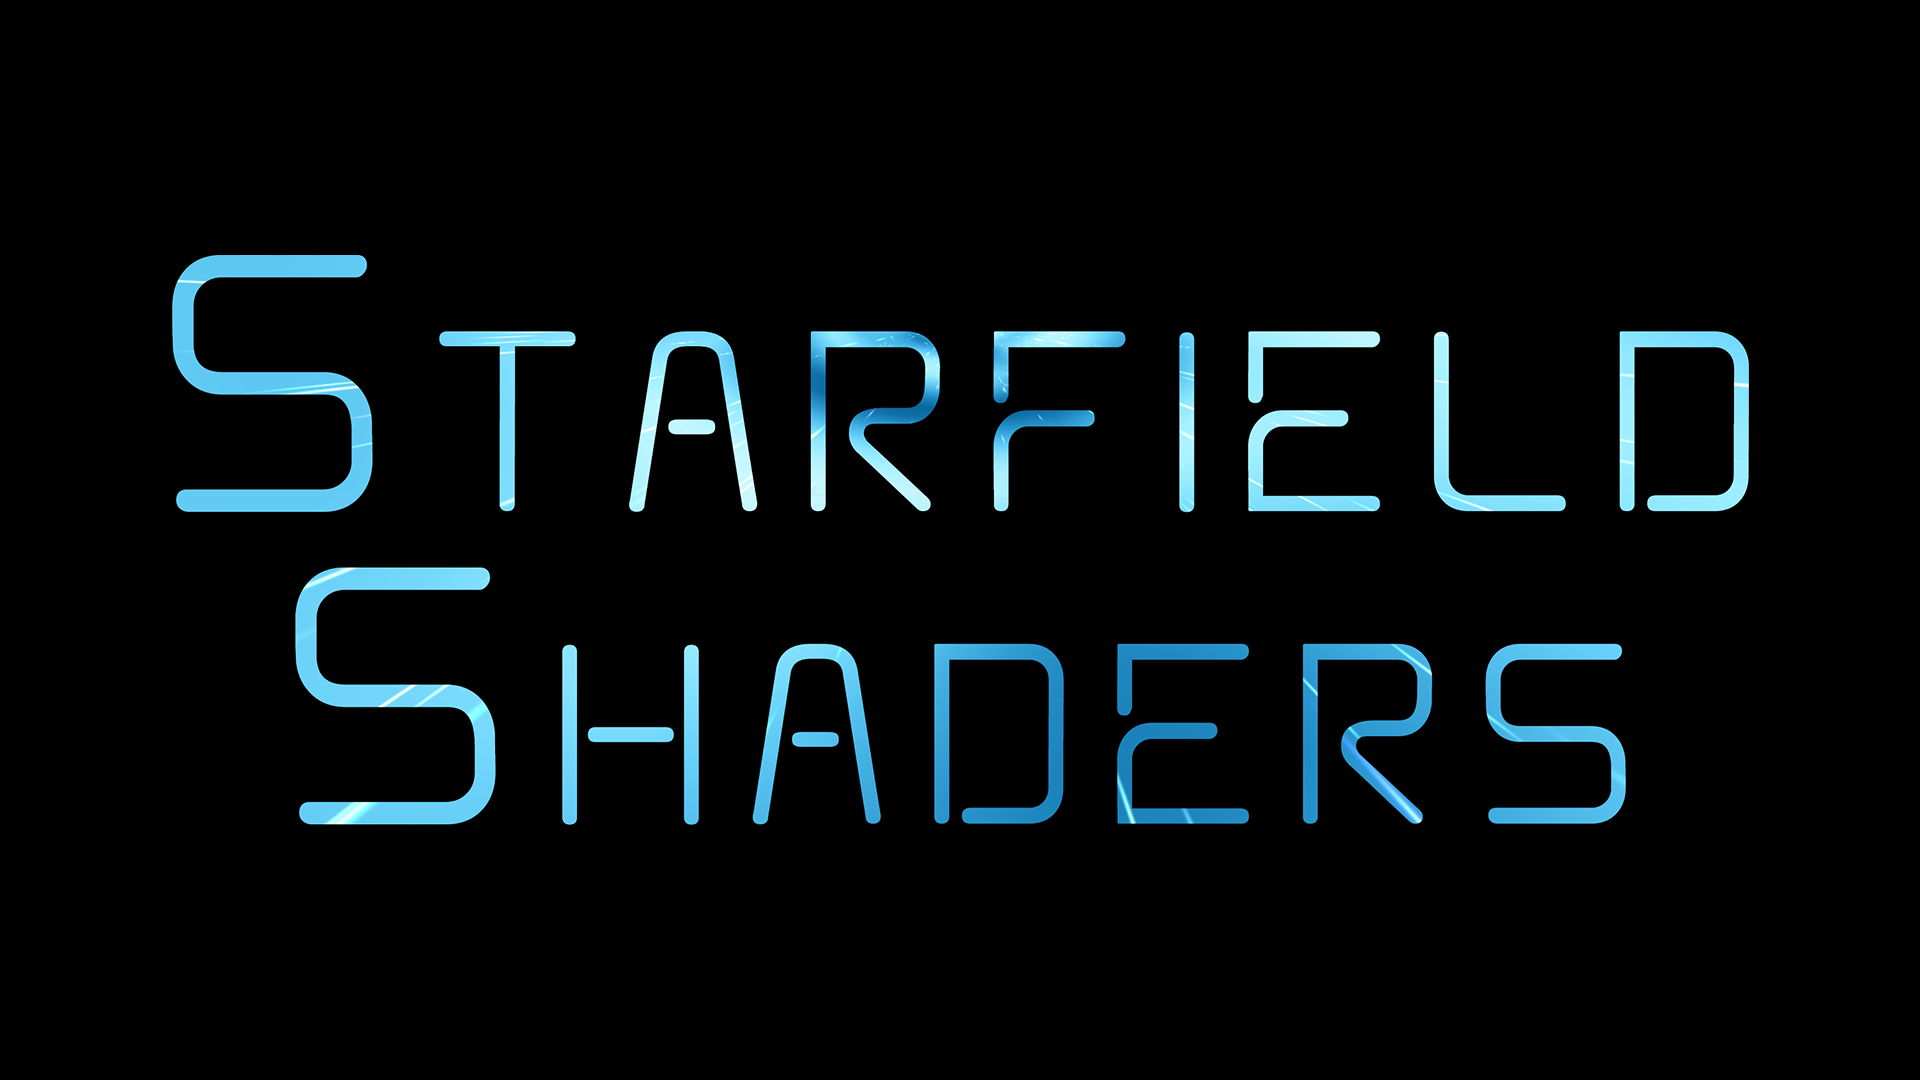 StarfieldShaders.png